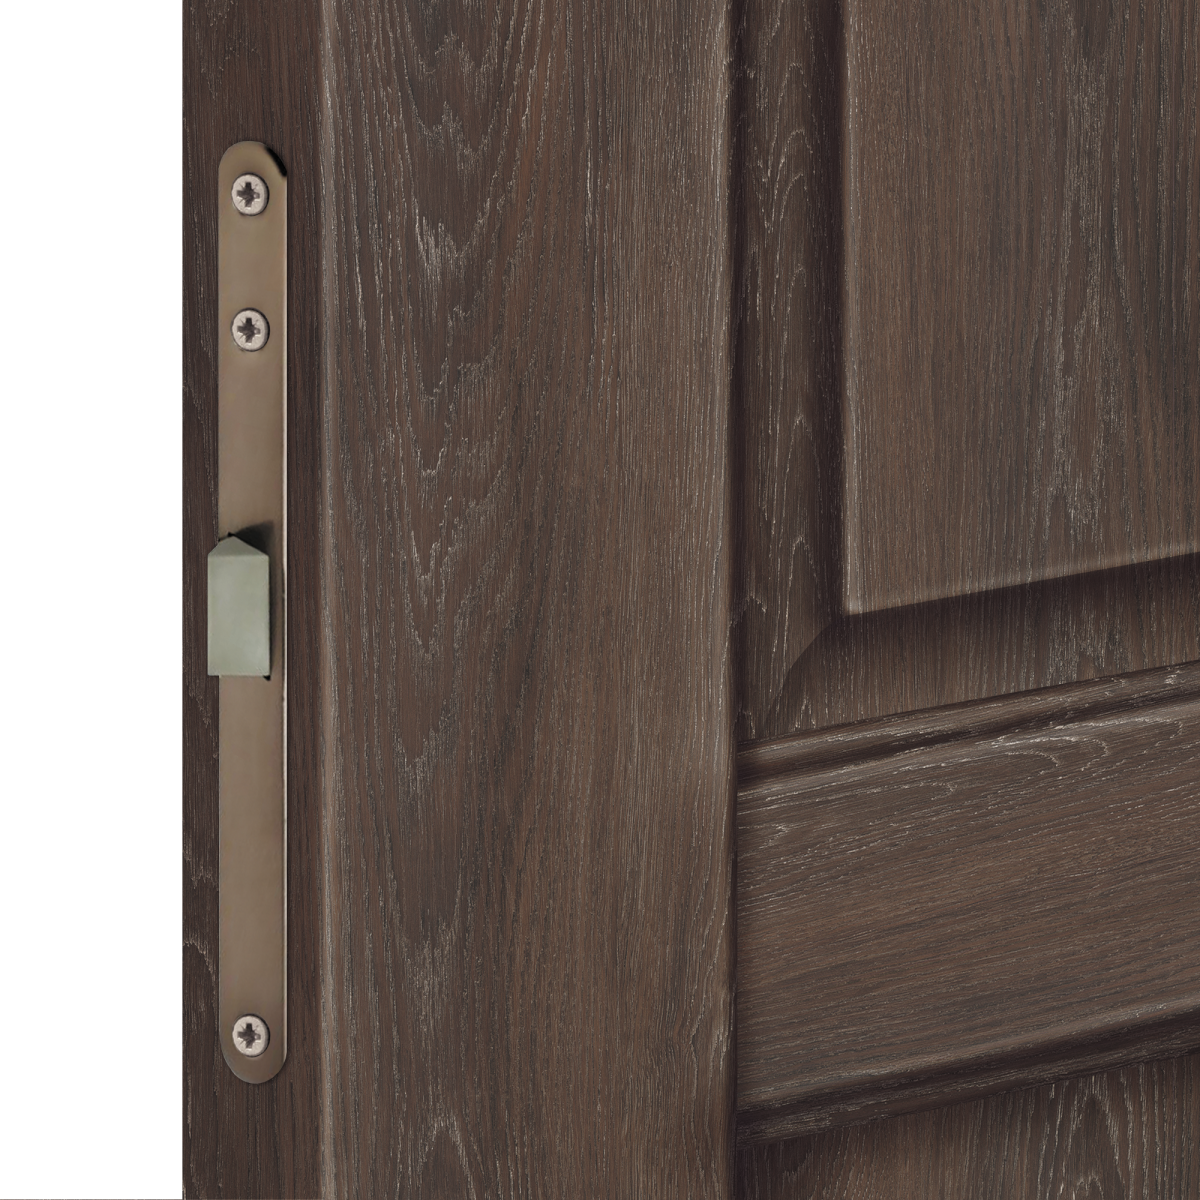 Дверь Межкомнатная Глухая «Летиция» 60x200 Пвх Цвет Дуб Корица С Фурнитурой